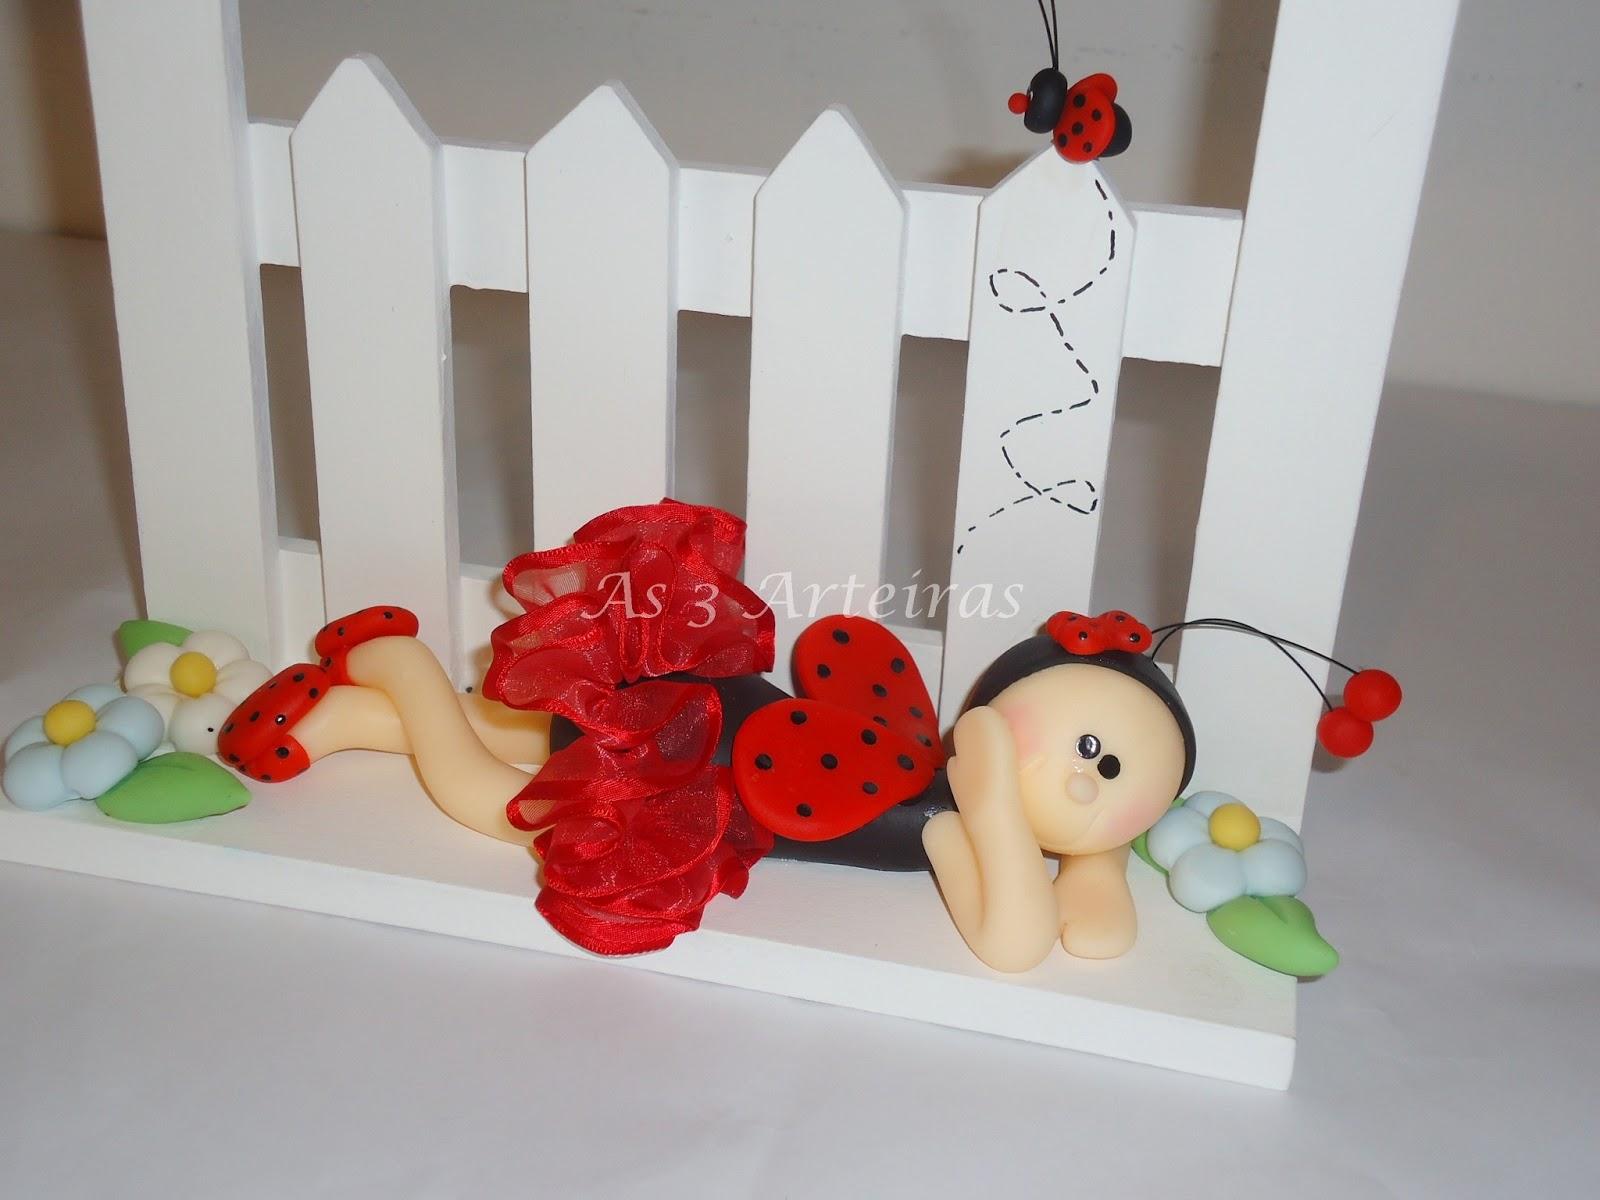 As 3 Arteiras Artes em biscuit e caixas Decoração para quarto de bebês